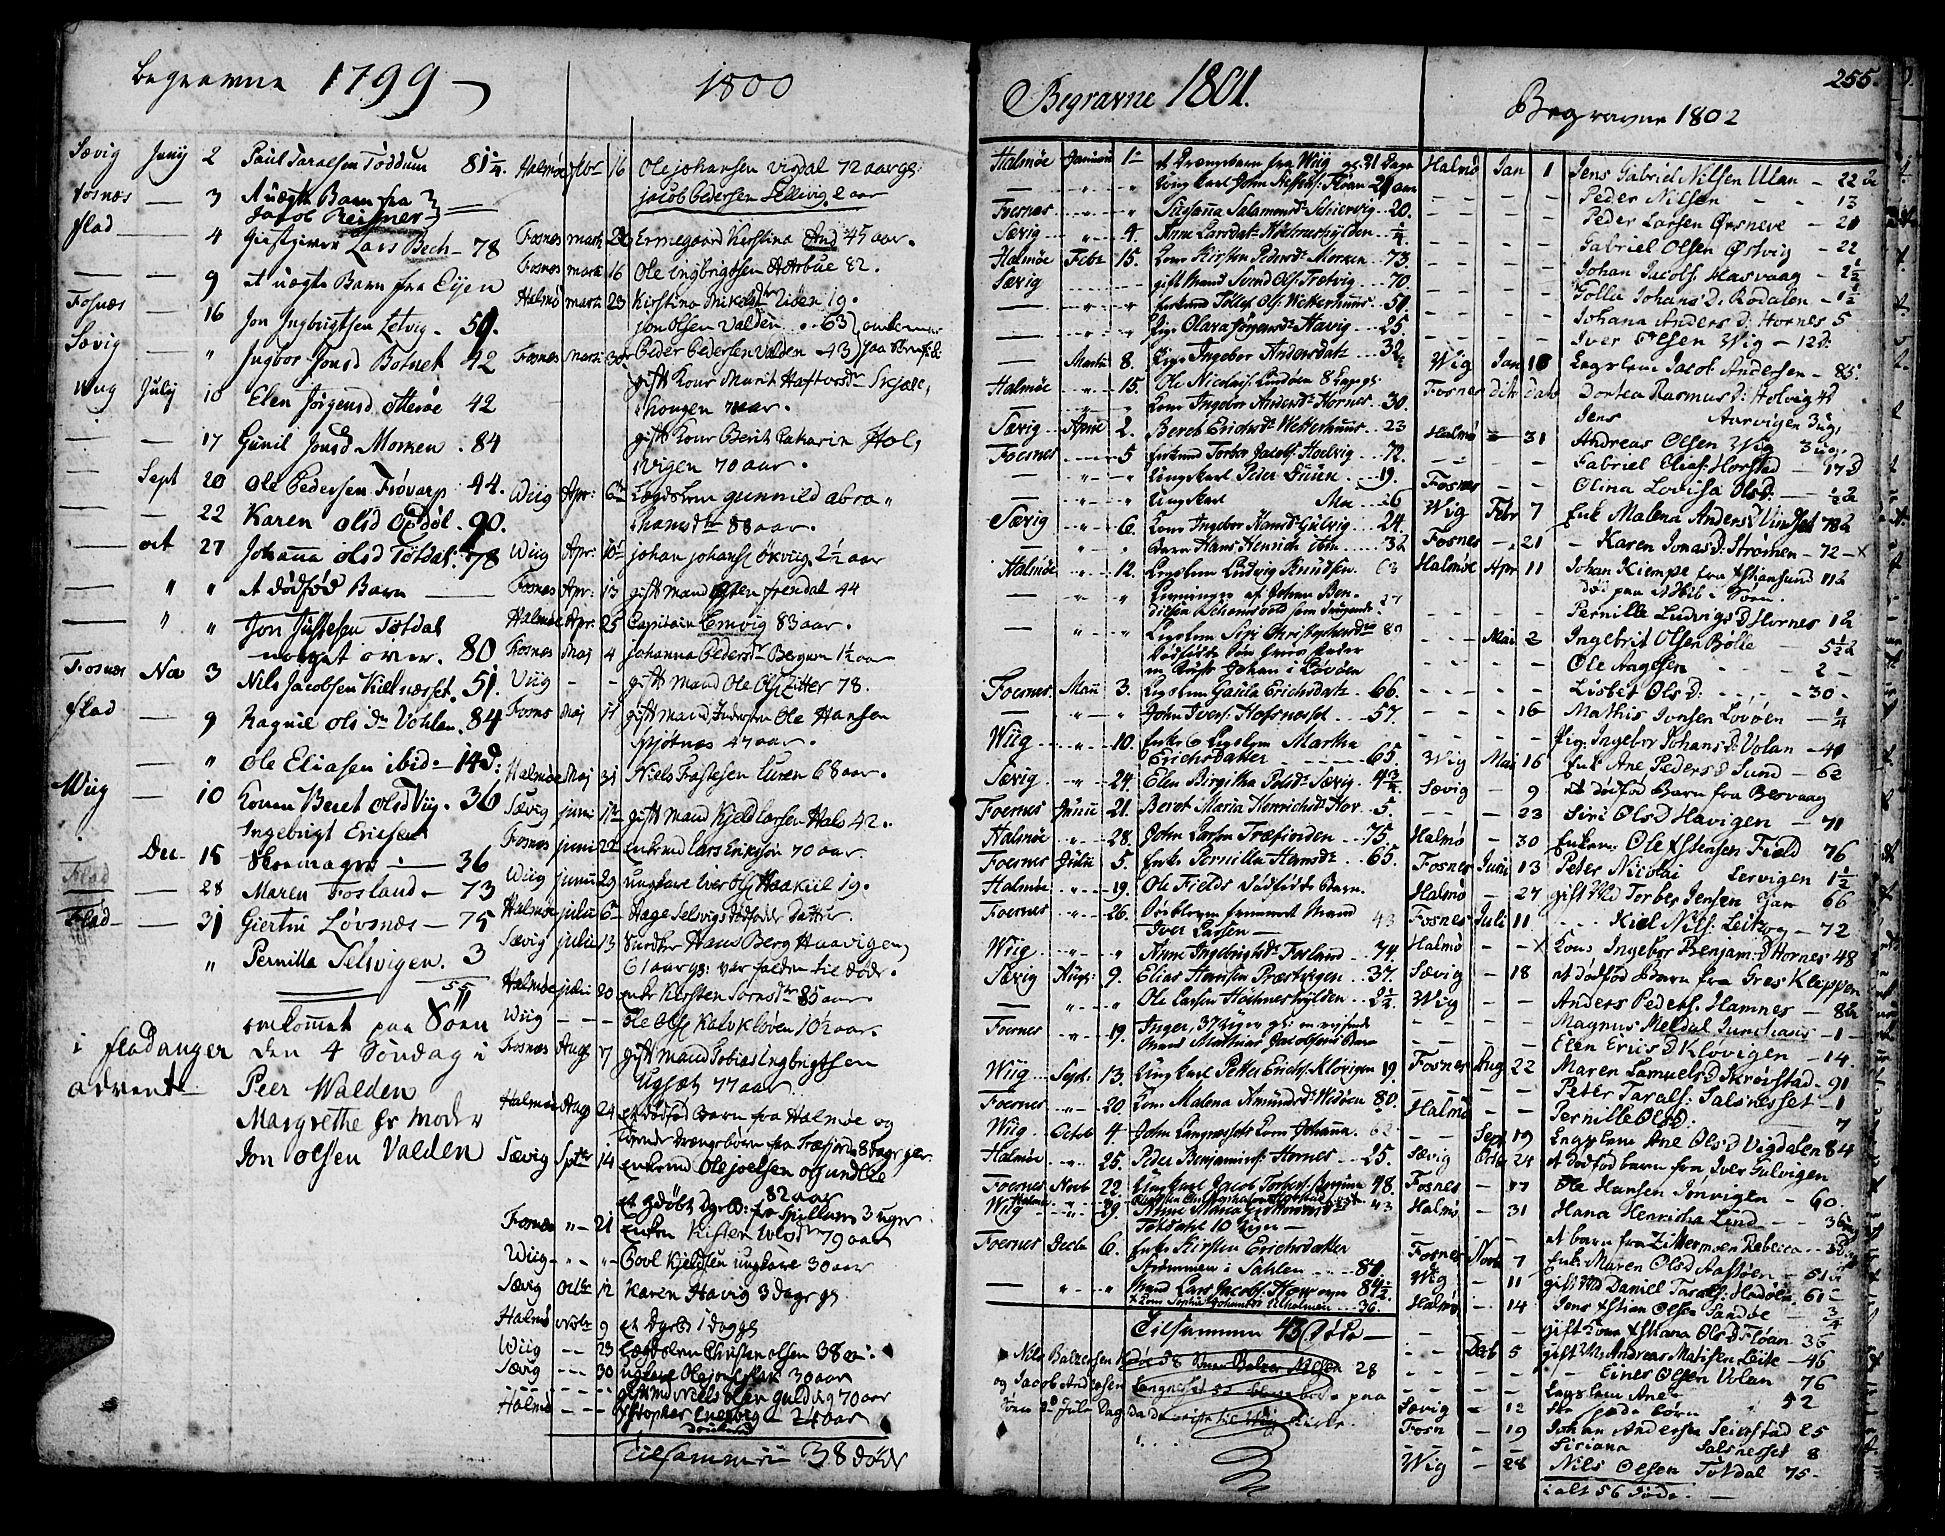 SAT, Ministerialprotokoller, klokkerbøker og fødselsregistre - Nord-Trøndelag, 773/L0608: Ministerialbok nr. 773A02, 1784-1816, s. 255